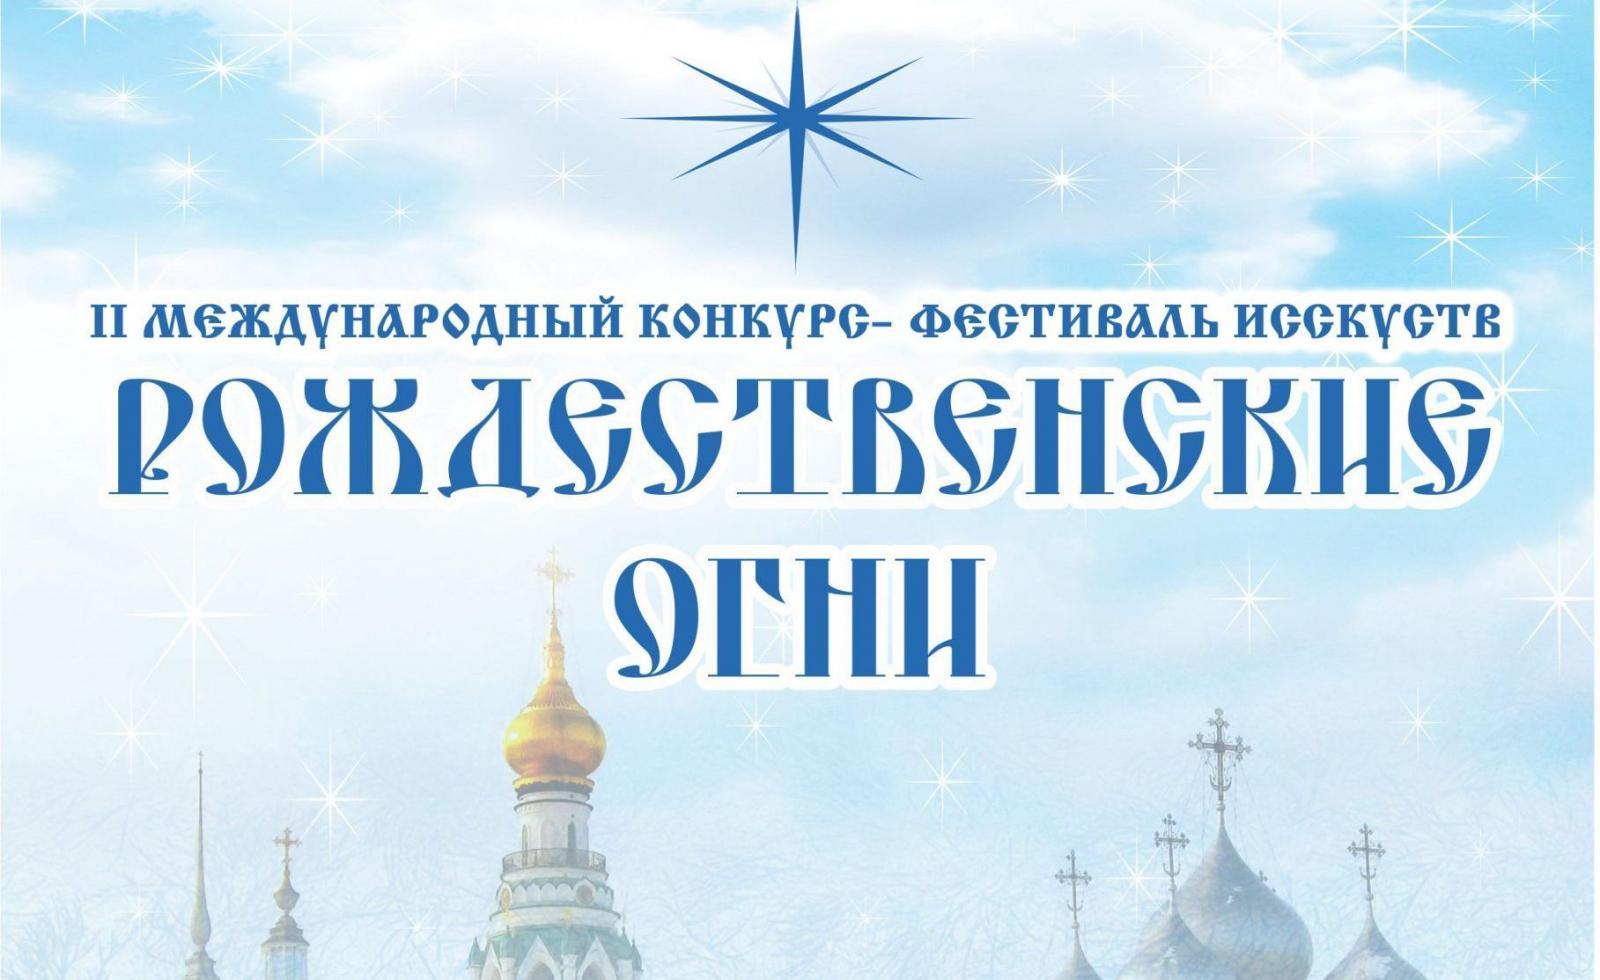 Приглашение к участию во II Международном конкурсе — фестивале искусств «Рождественские огни»